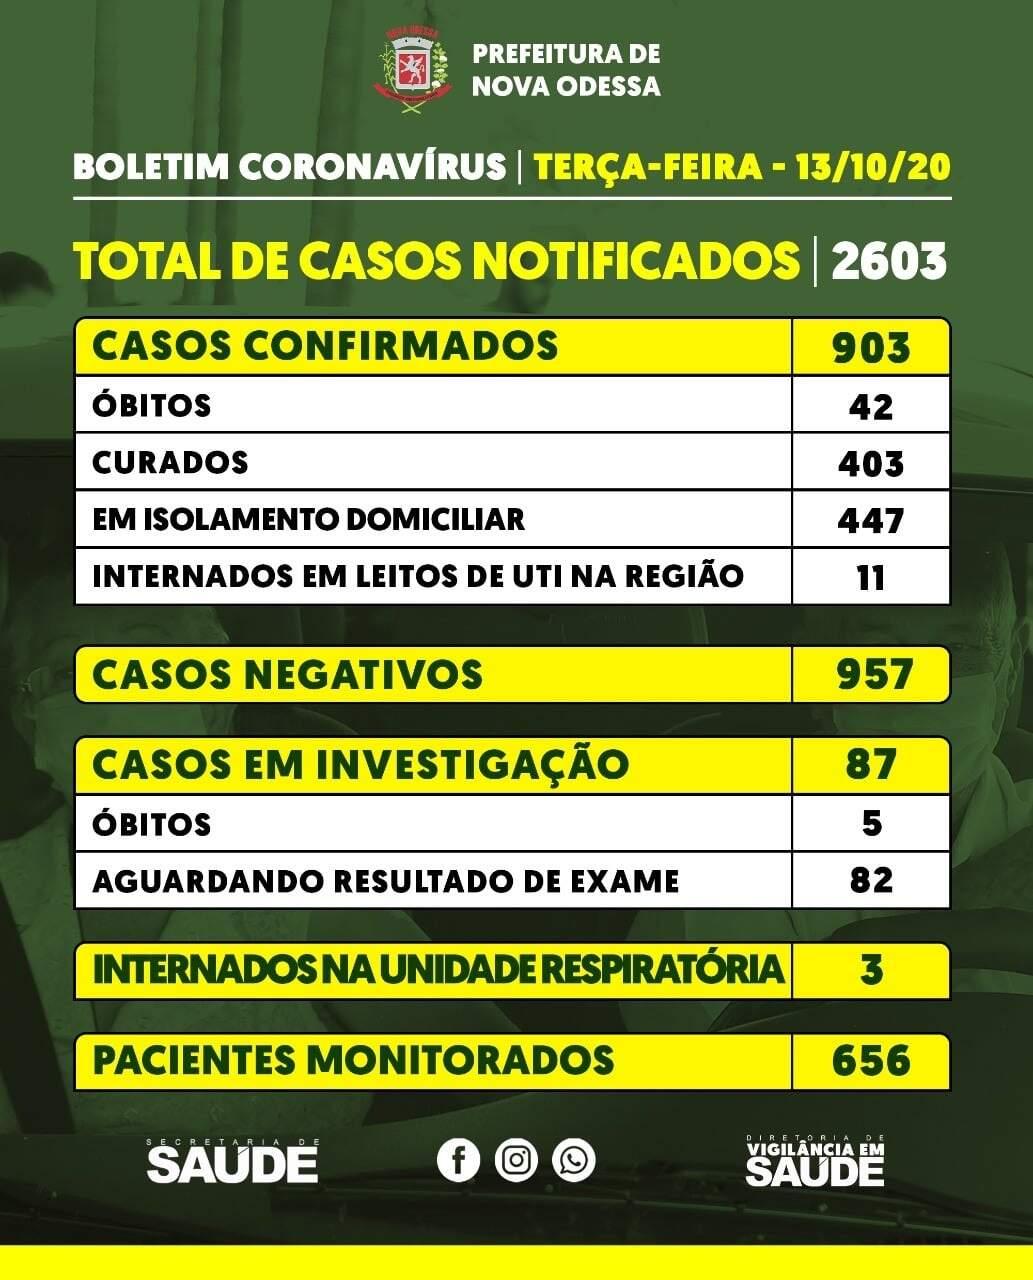 Nova Odessa ultrapassa marca dos 900 infectados pelo novo coronavírus